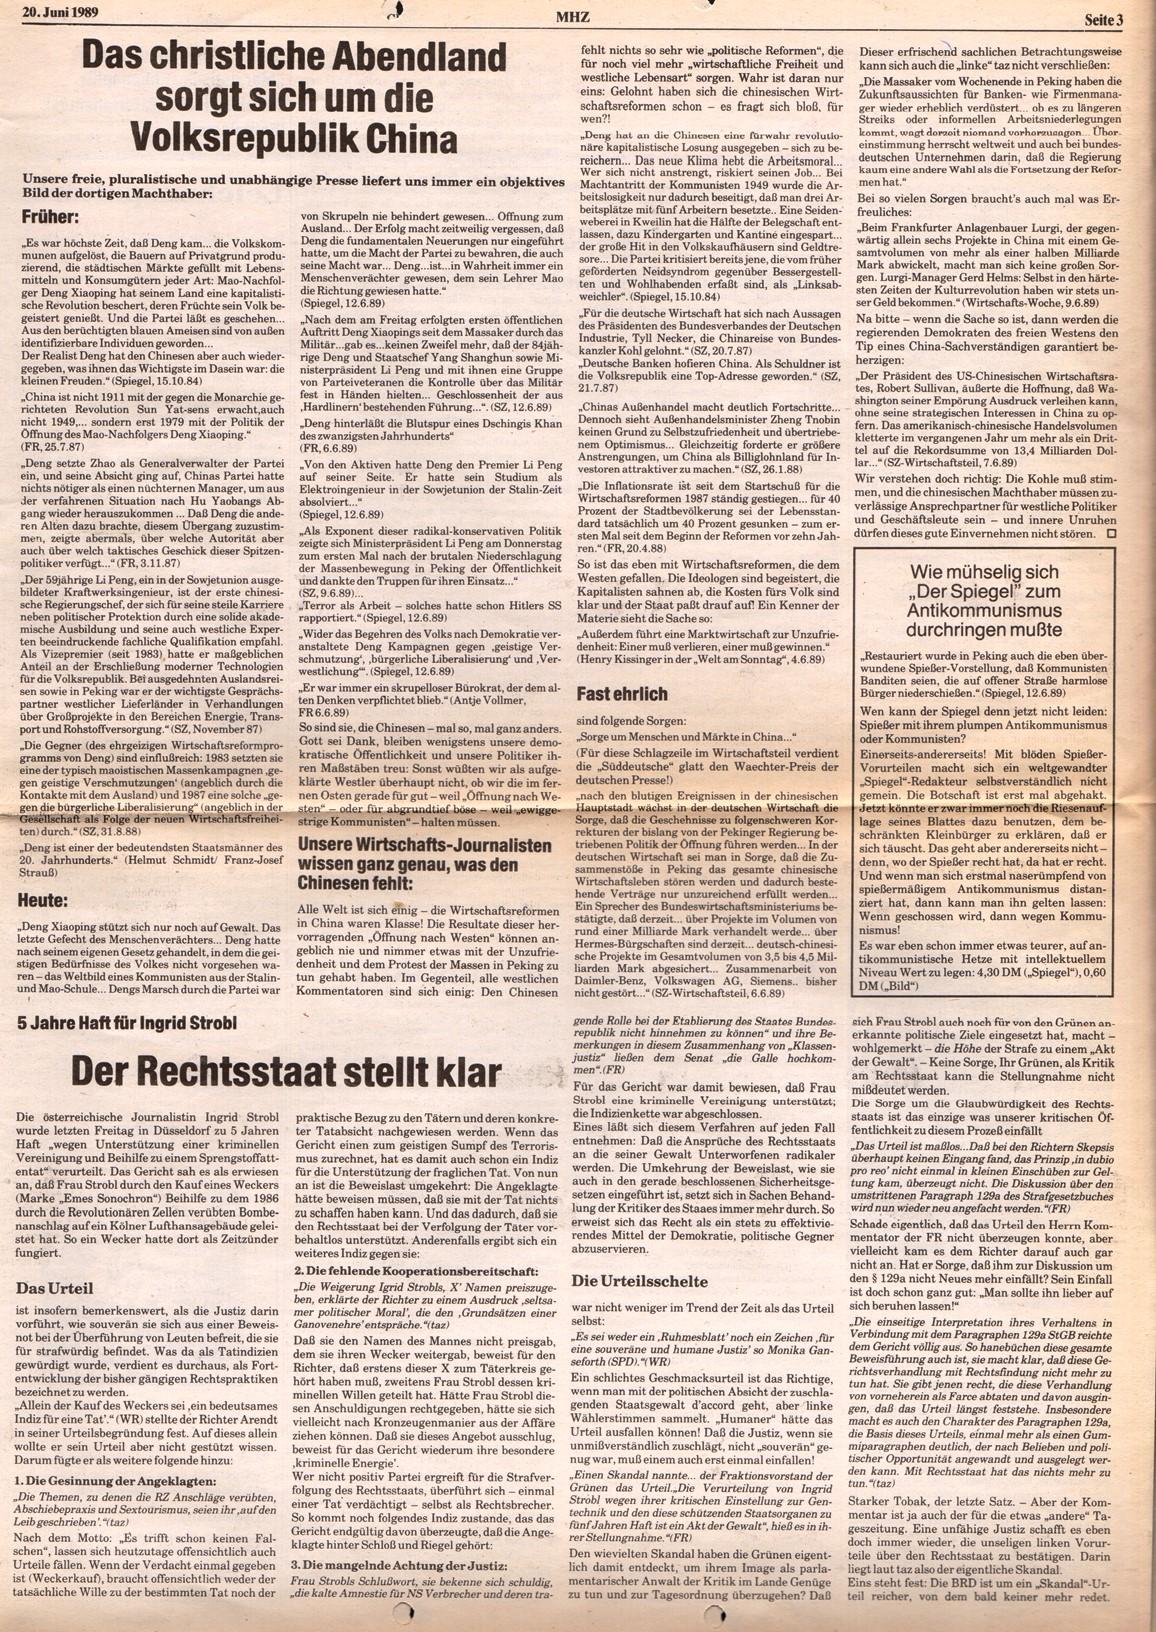 Muenchen_MG_Hochschulzeitung_19890620_03